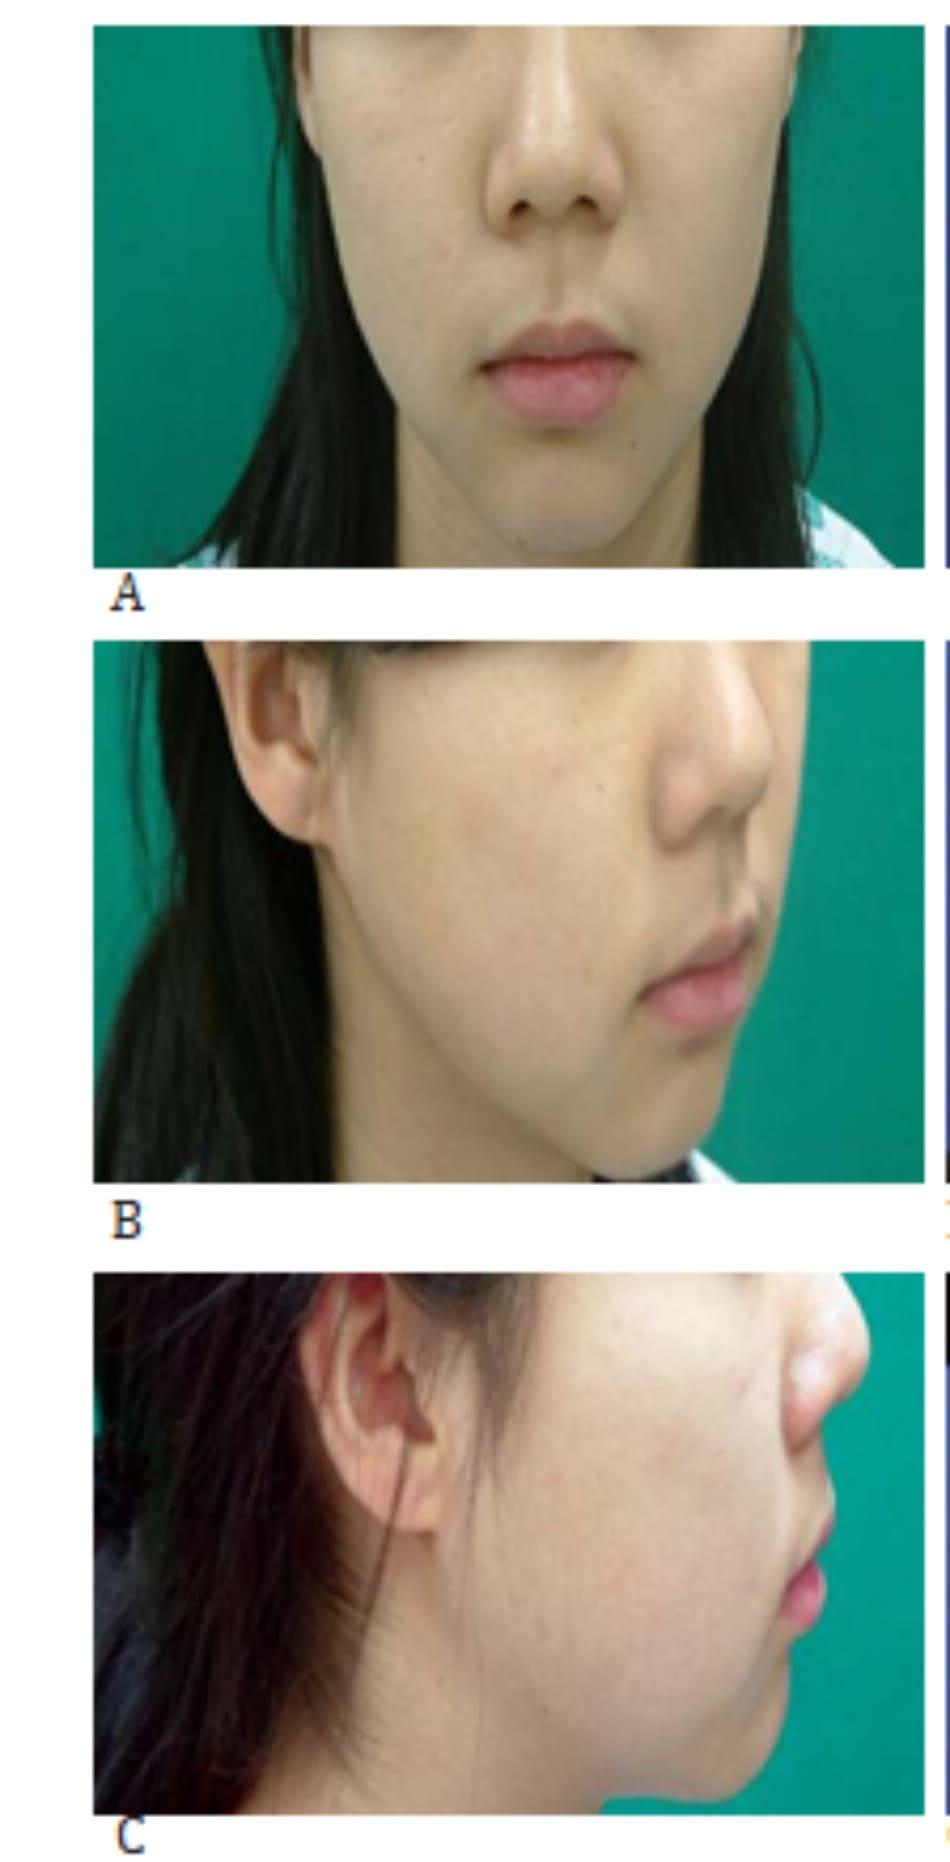 Hình 37-4 A đến C, cận cảnh khuôn mặt trước phẫu thuật của bệnh nhân có cằm lẹm